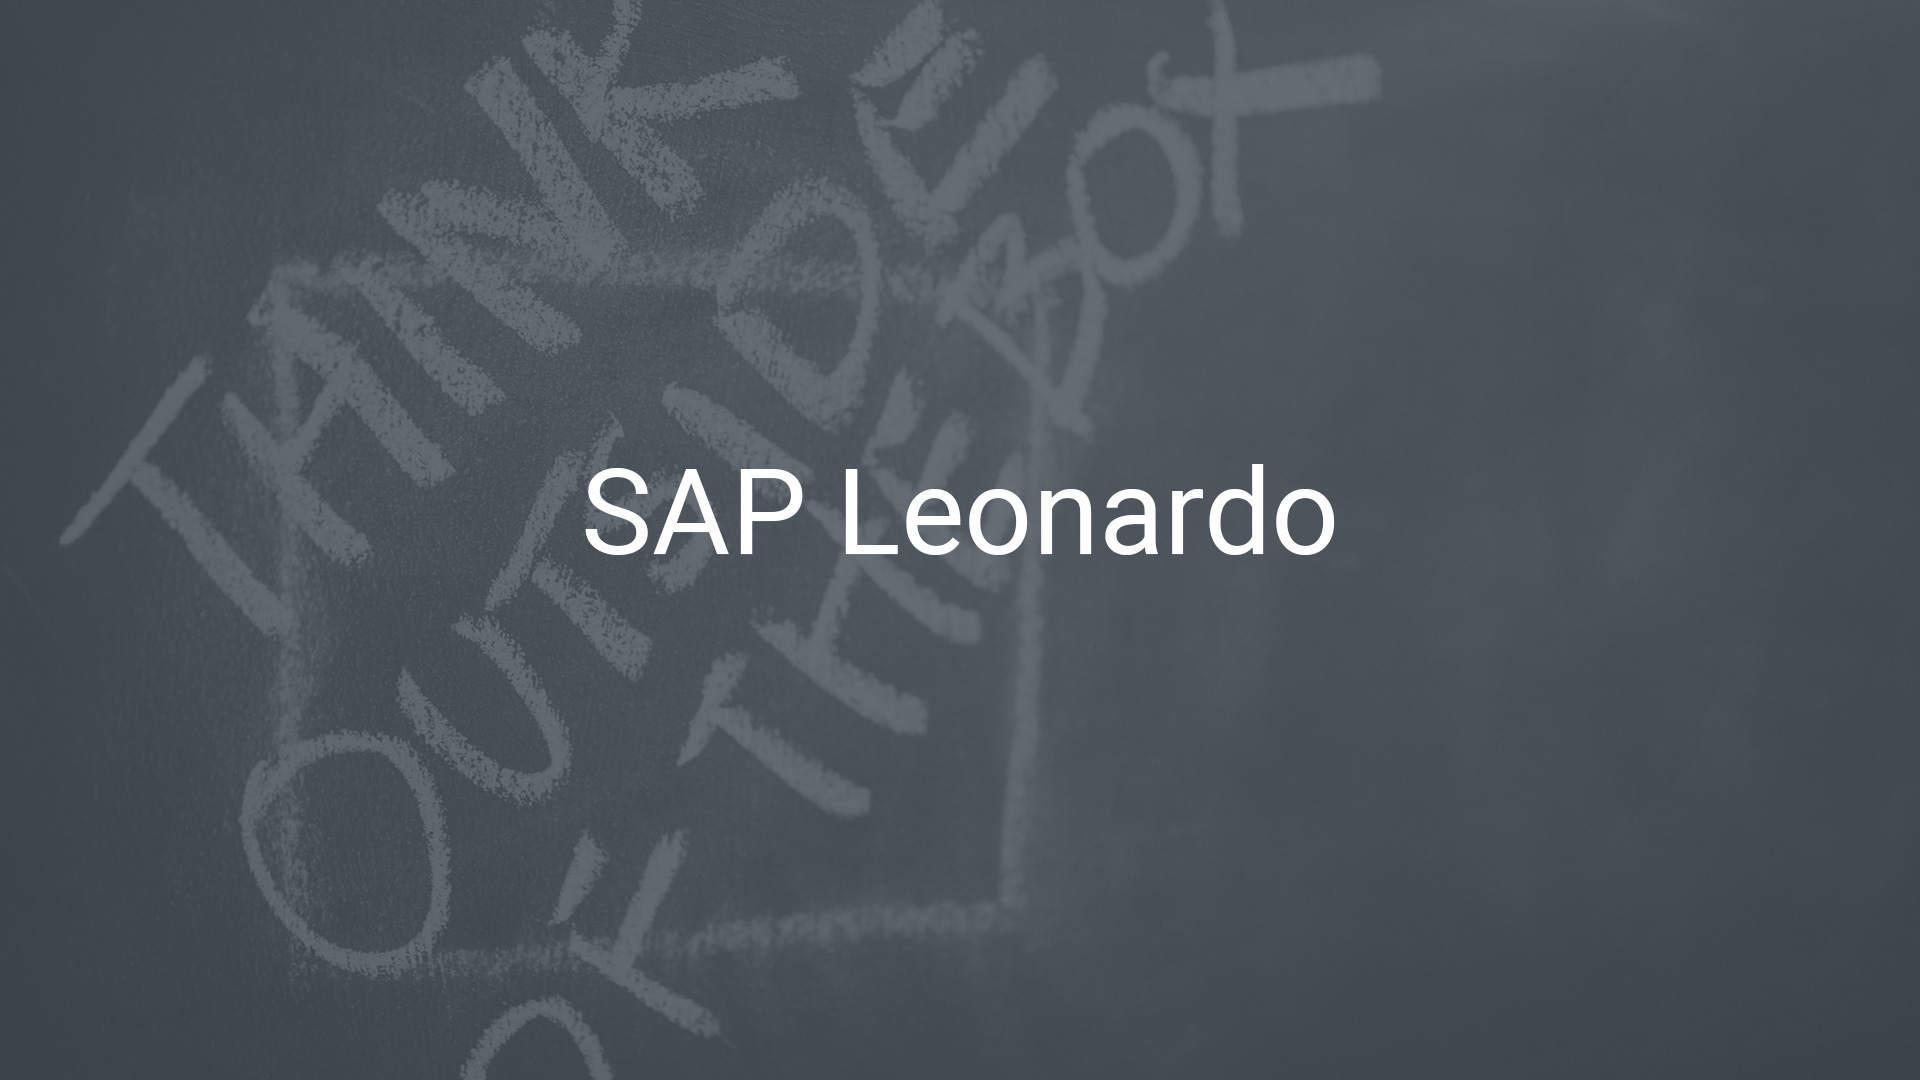 Wie Sie mit SAP Leonardo Innovationen vorantreiben und Geschäftsprozesse beschleunigen